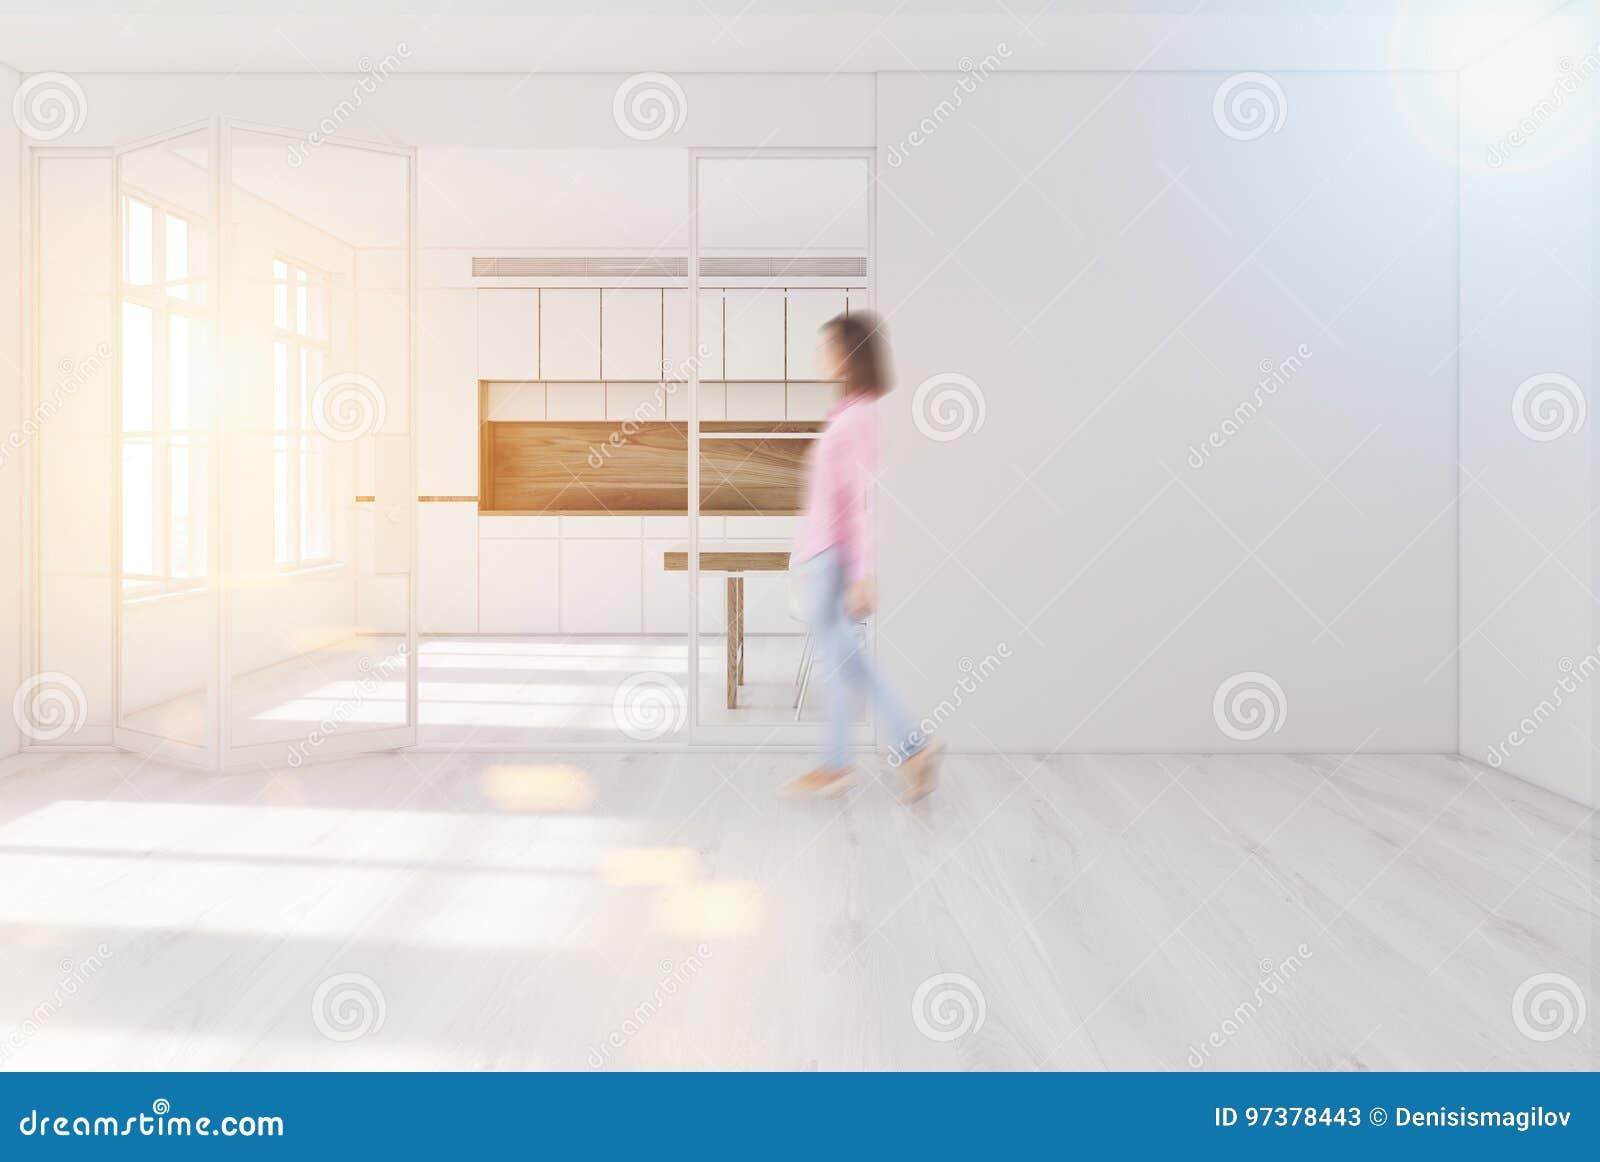 Kosten Houten Keuken : Witte keuken binnenlandse blinde muur meisje stock afbeelding